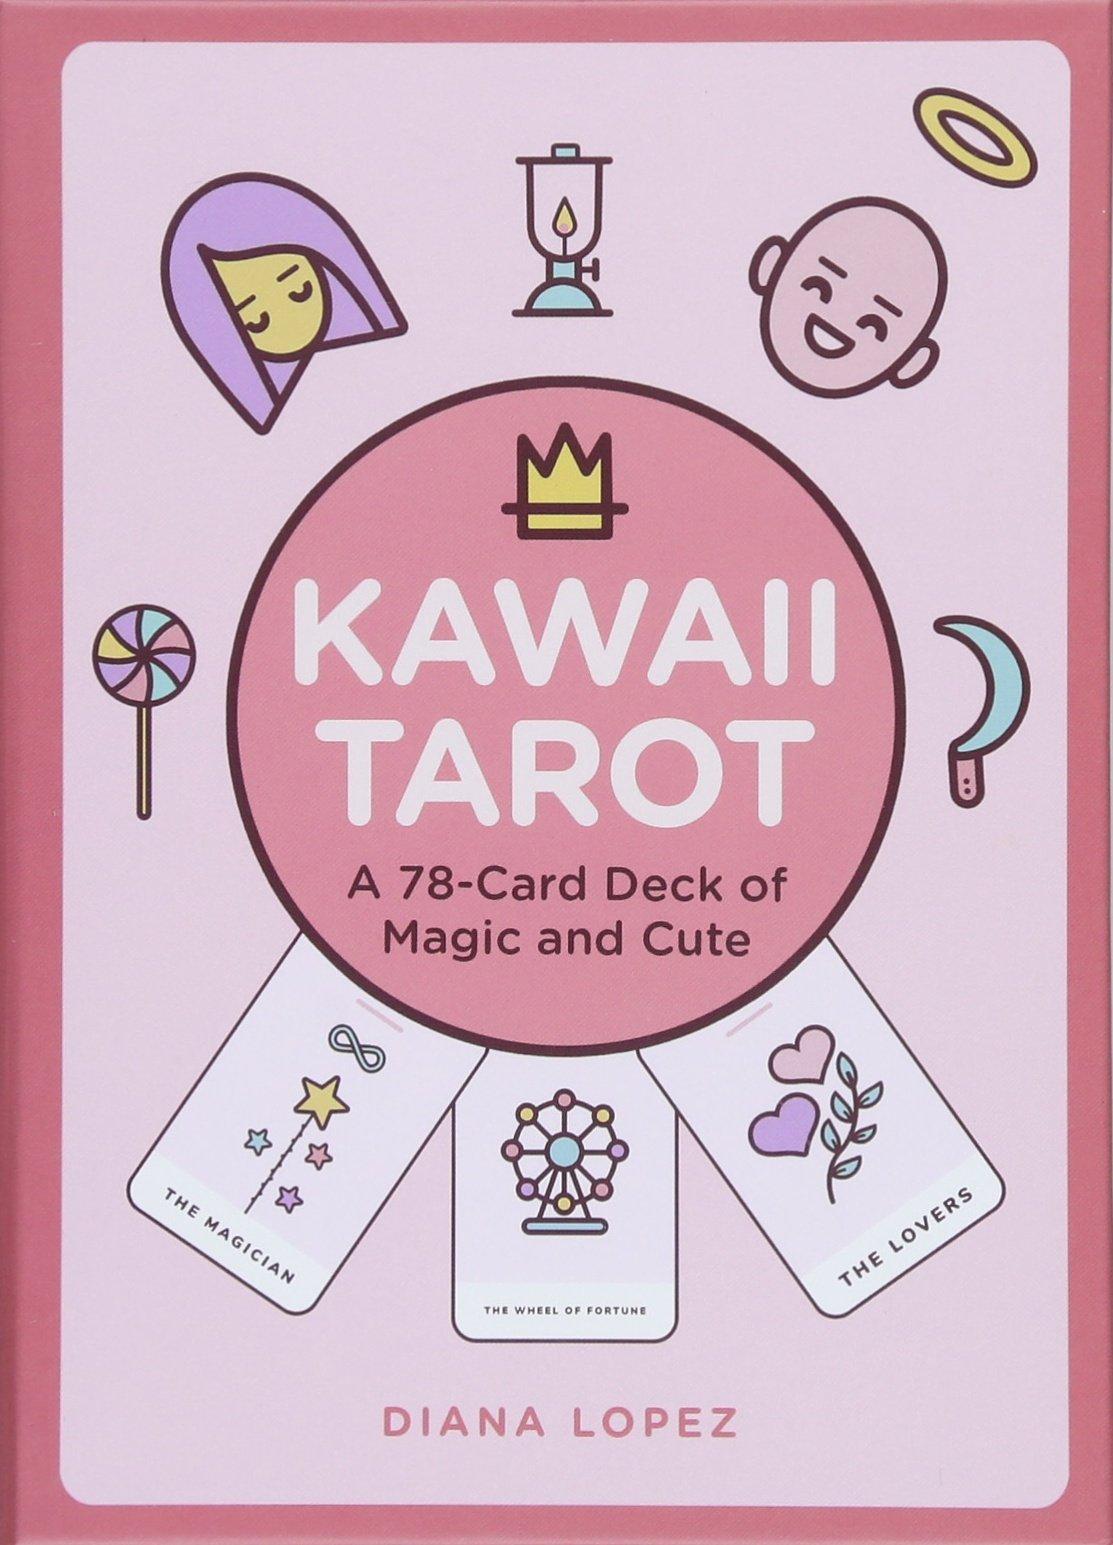 Kawai Tarot cards